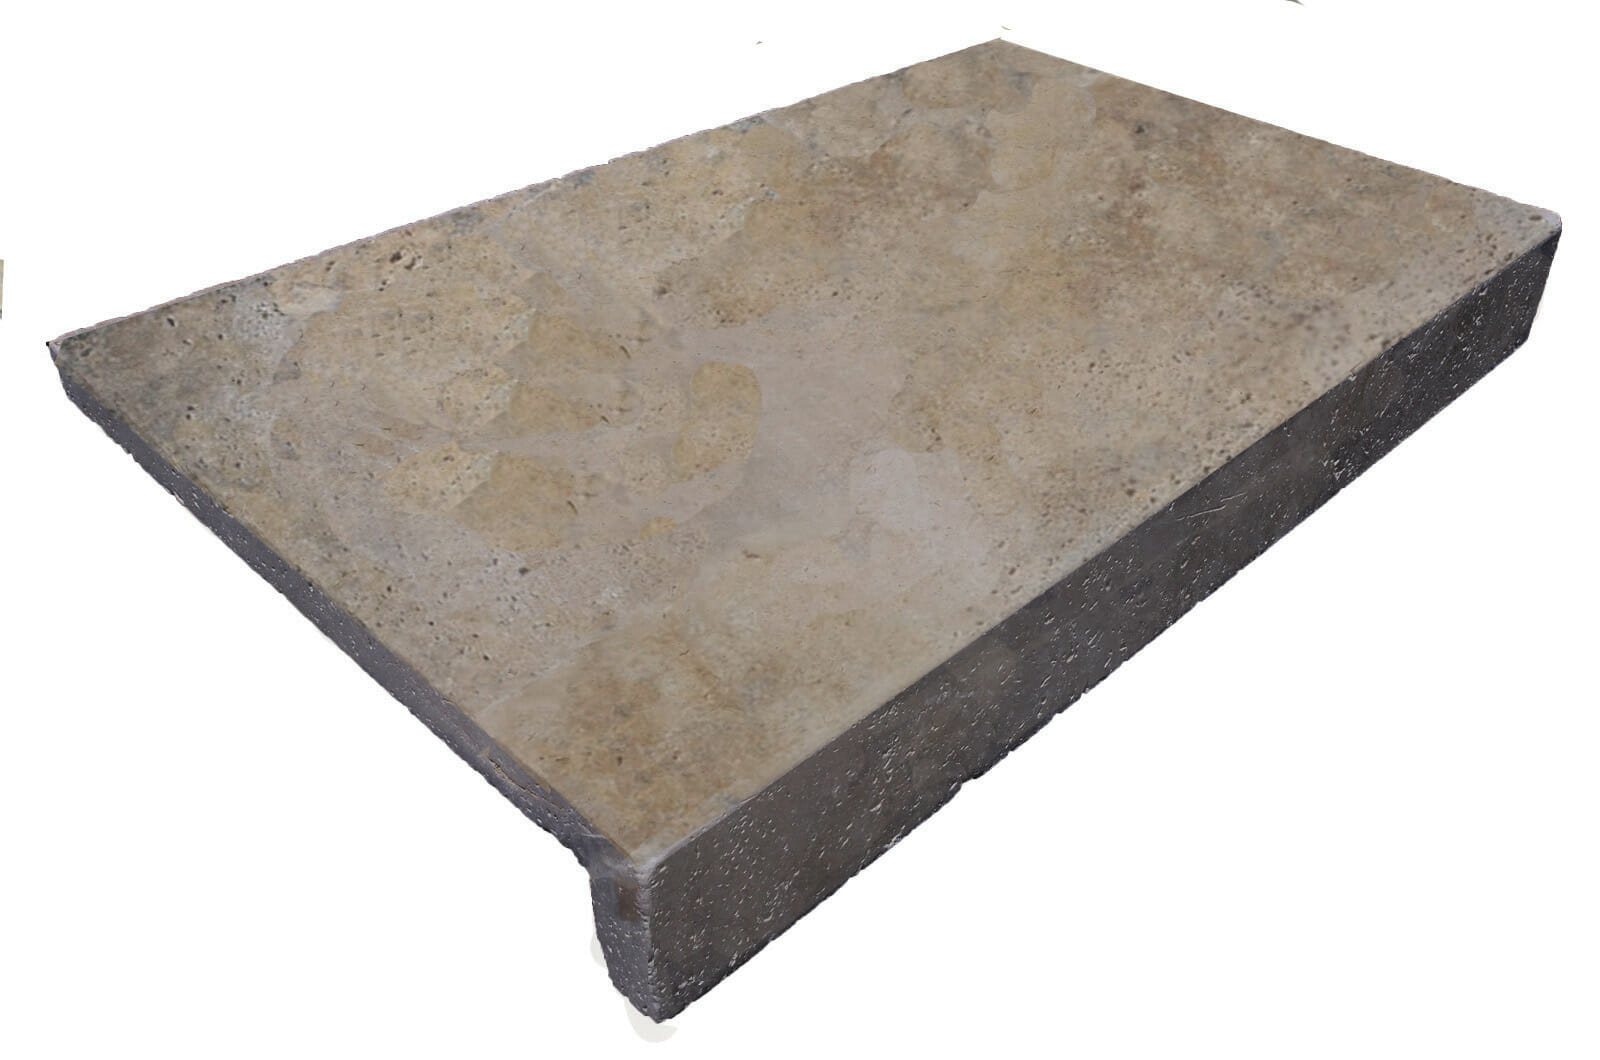 Noce Travertine Rebate Pool Coping Tiles